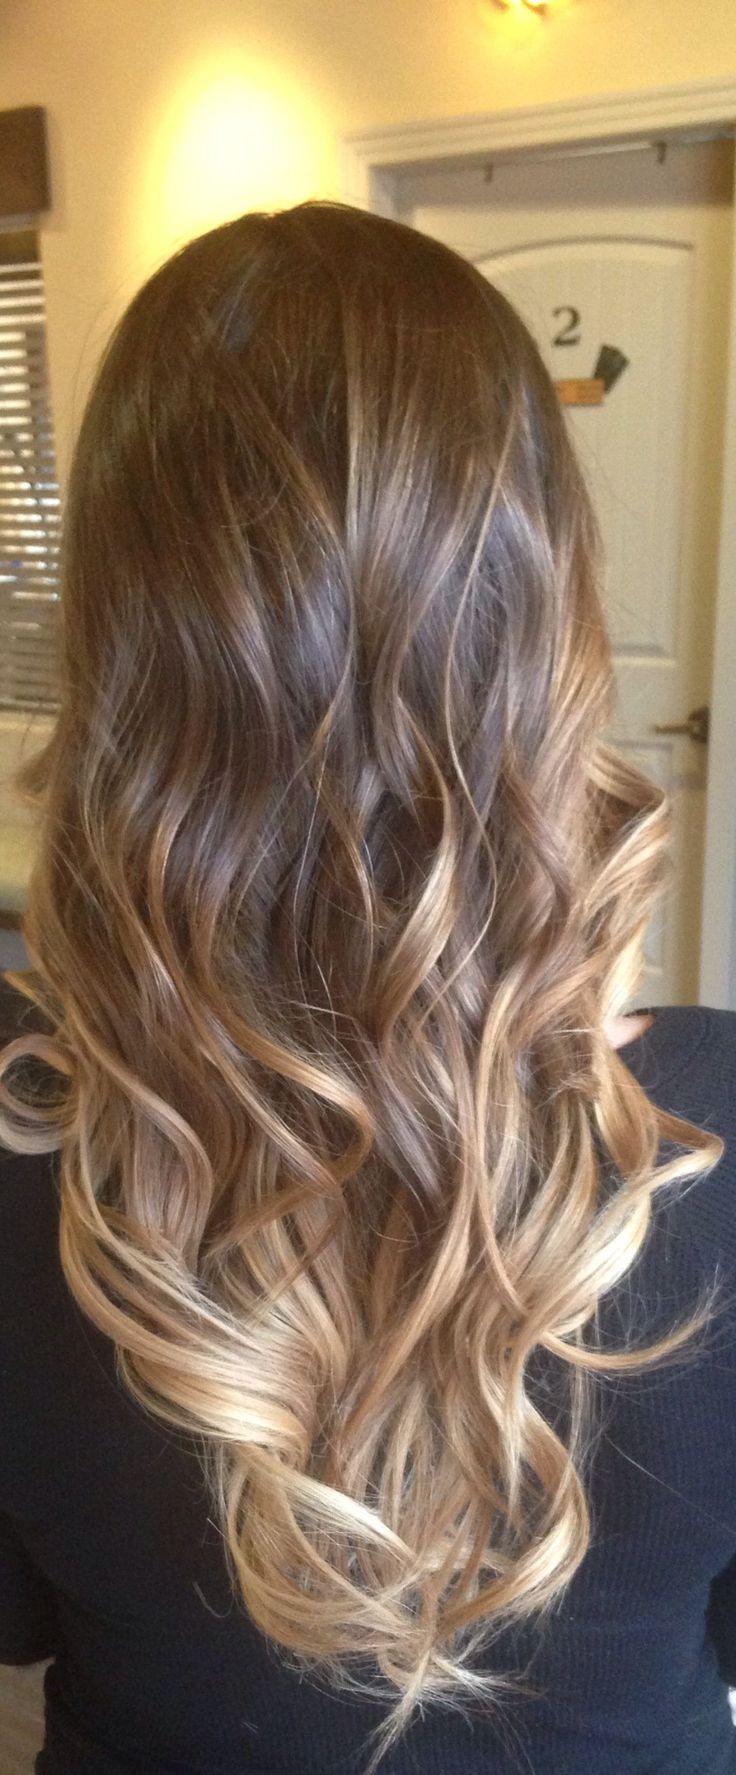 Grow hair !!. No more brittle hair. Organic Shampoo Get it @MySkinFriend.com